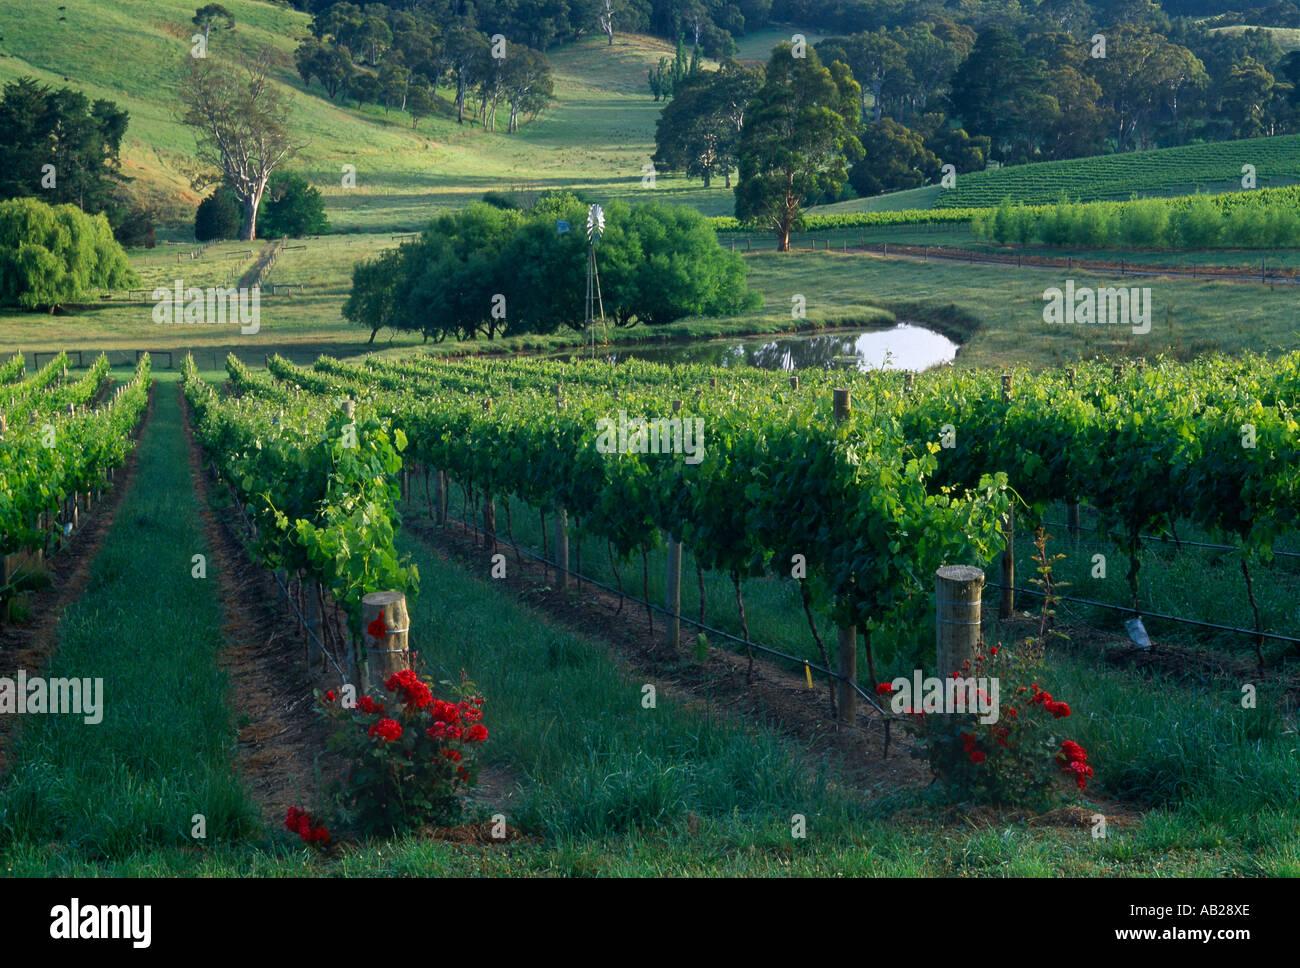 vineyard nr Oakbank Adelaide Hills South Australia - Stock Image